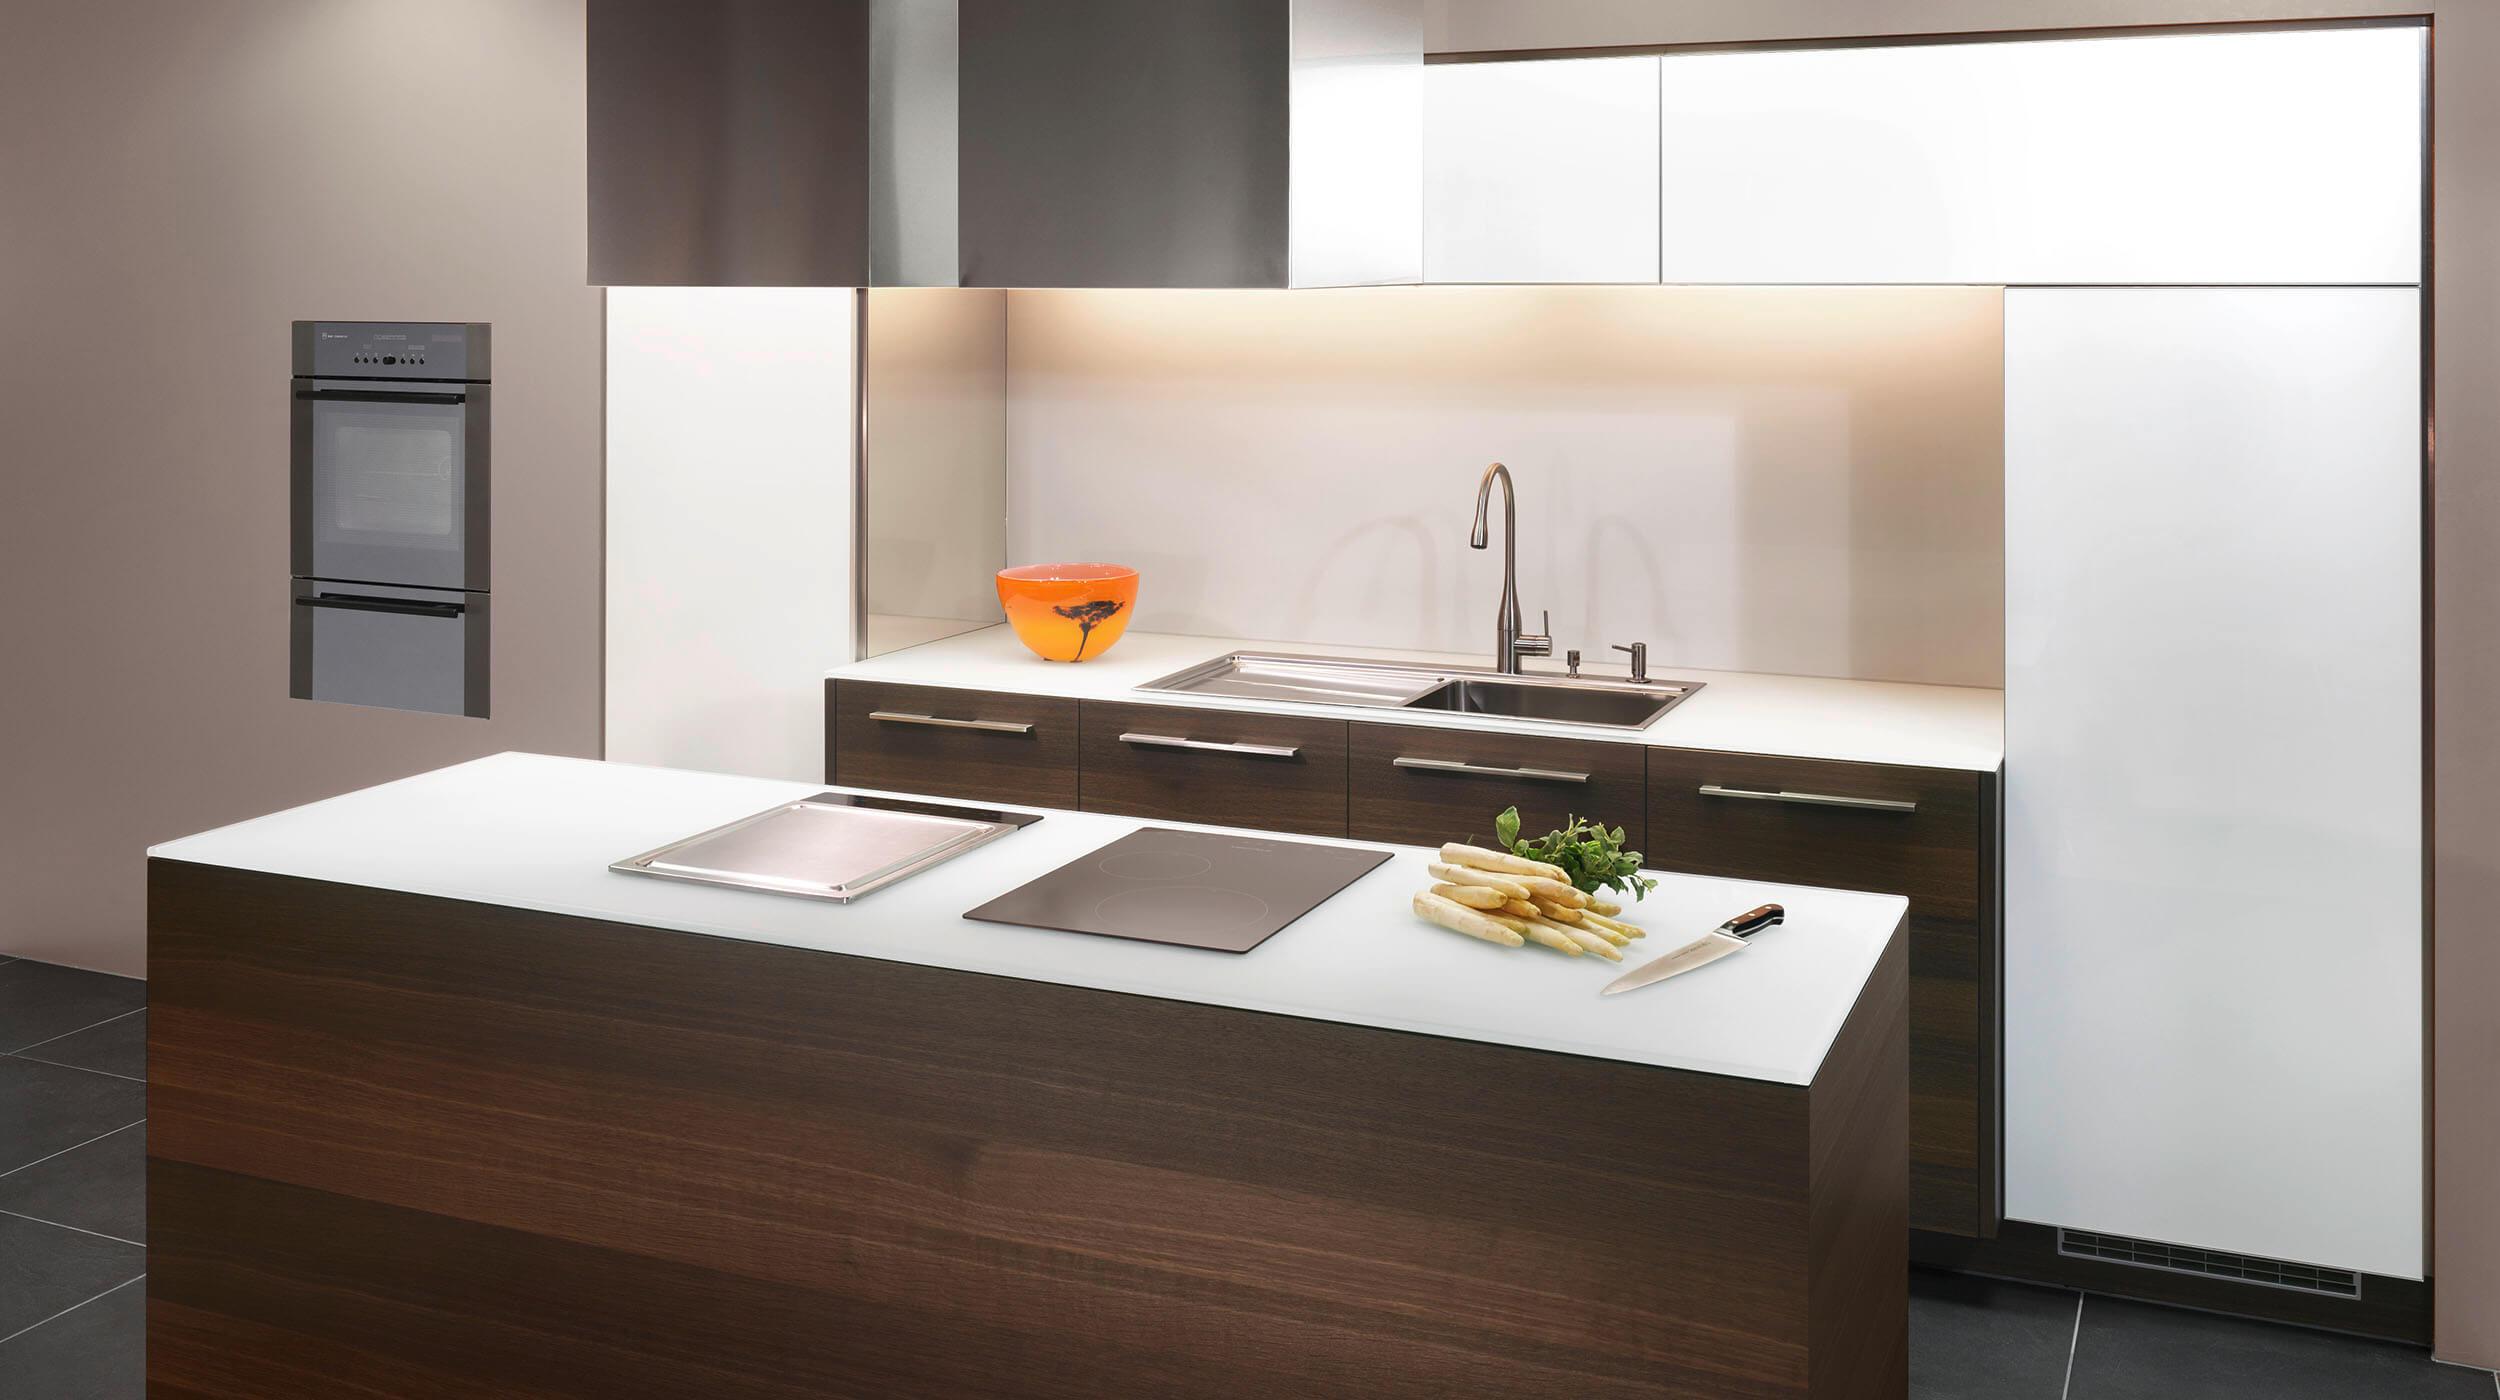 Küchenausstellung chur  ligna elegance Glasfront kombiniert mit Echholzfurnier - mn küchen ...